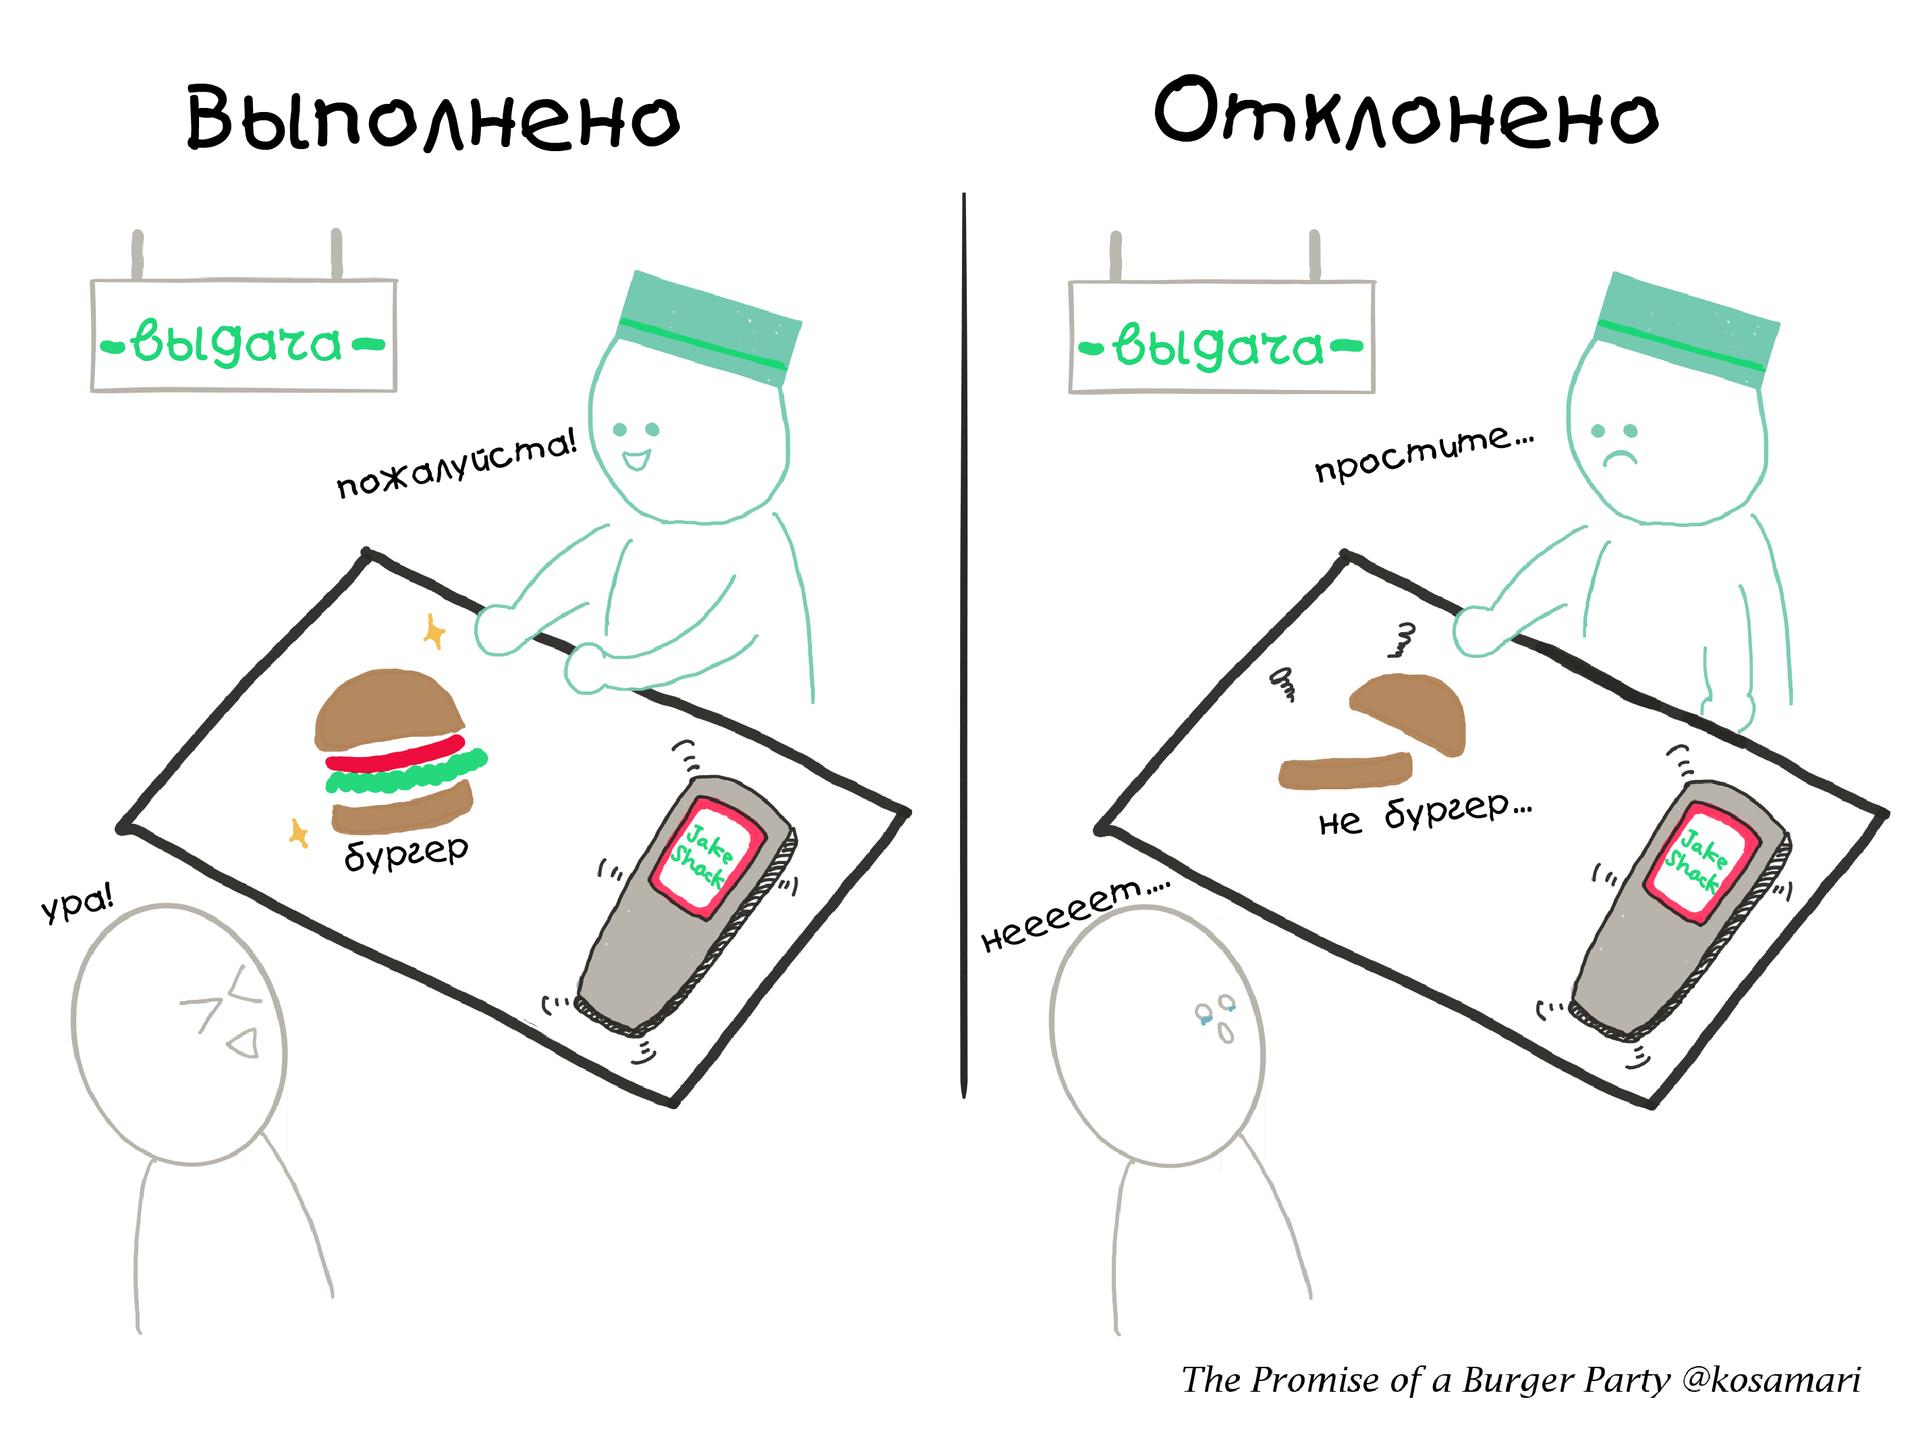 Промисы на примере бургер-вечеринки - 4